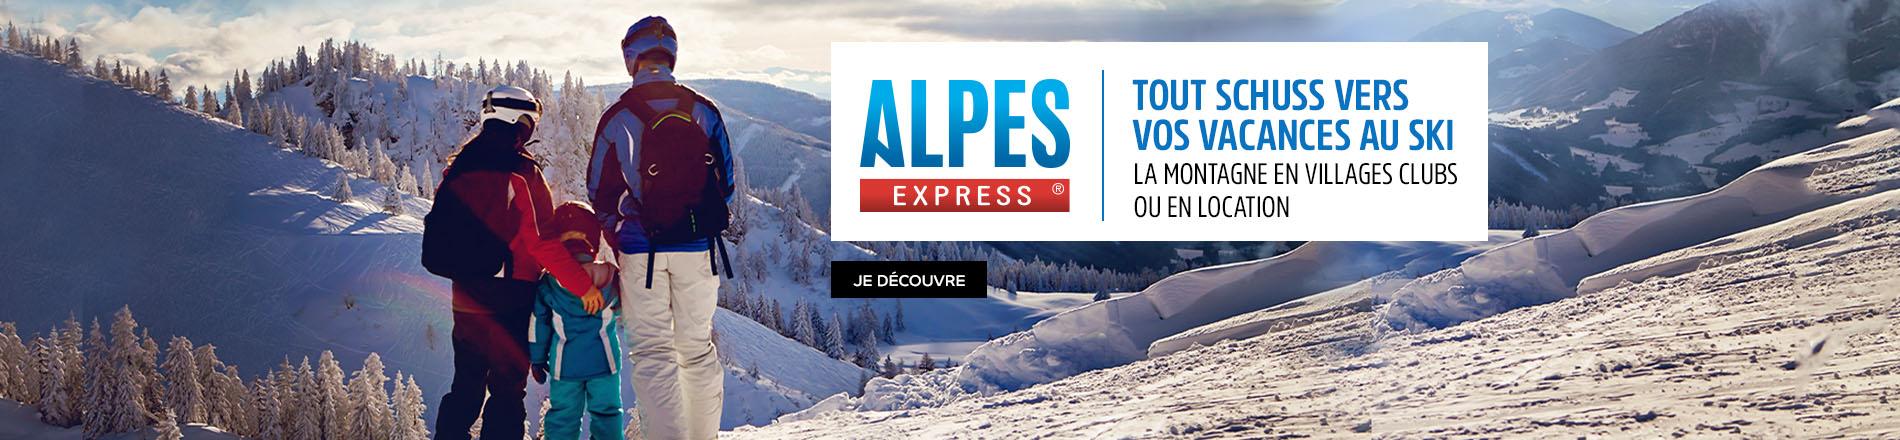 Les vacances au ski avec Alpes Express